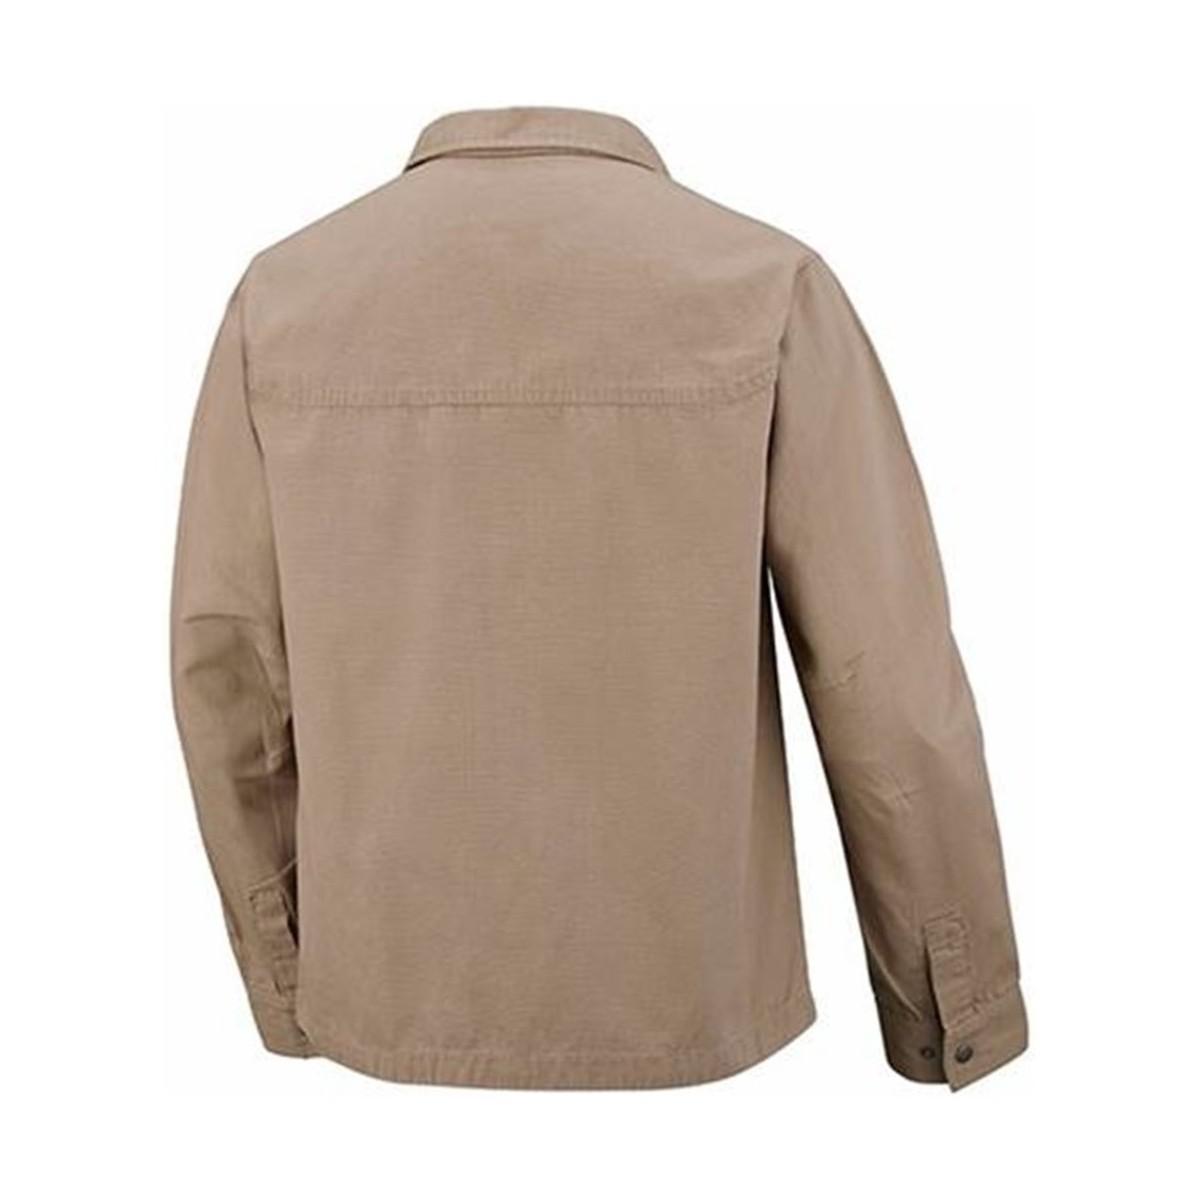 Columbia Wm3233222 Men's Jacket In Beige in Natural for Men